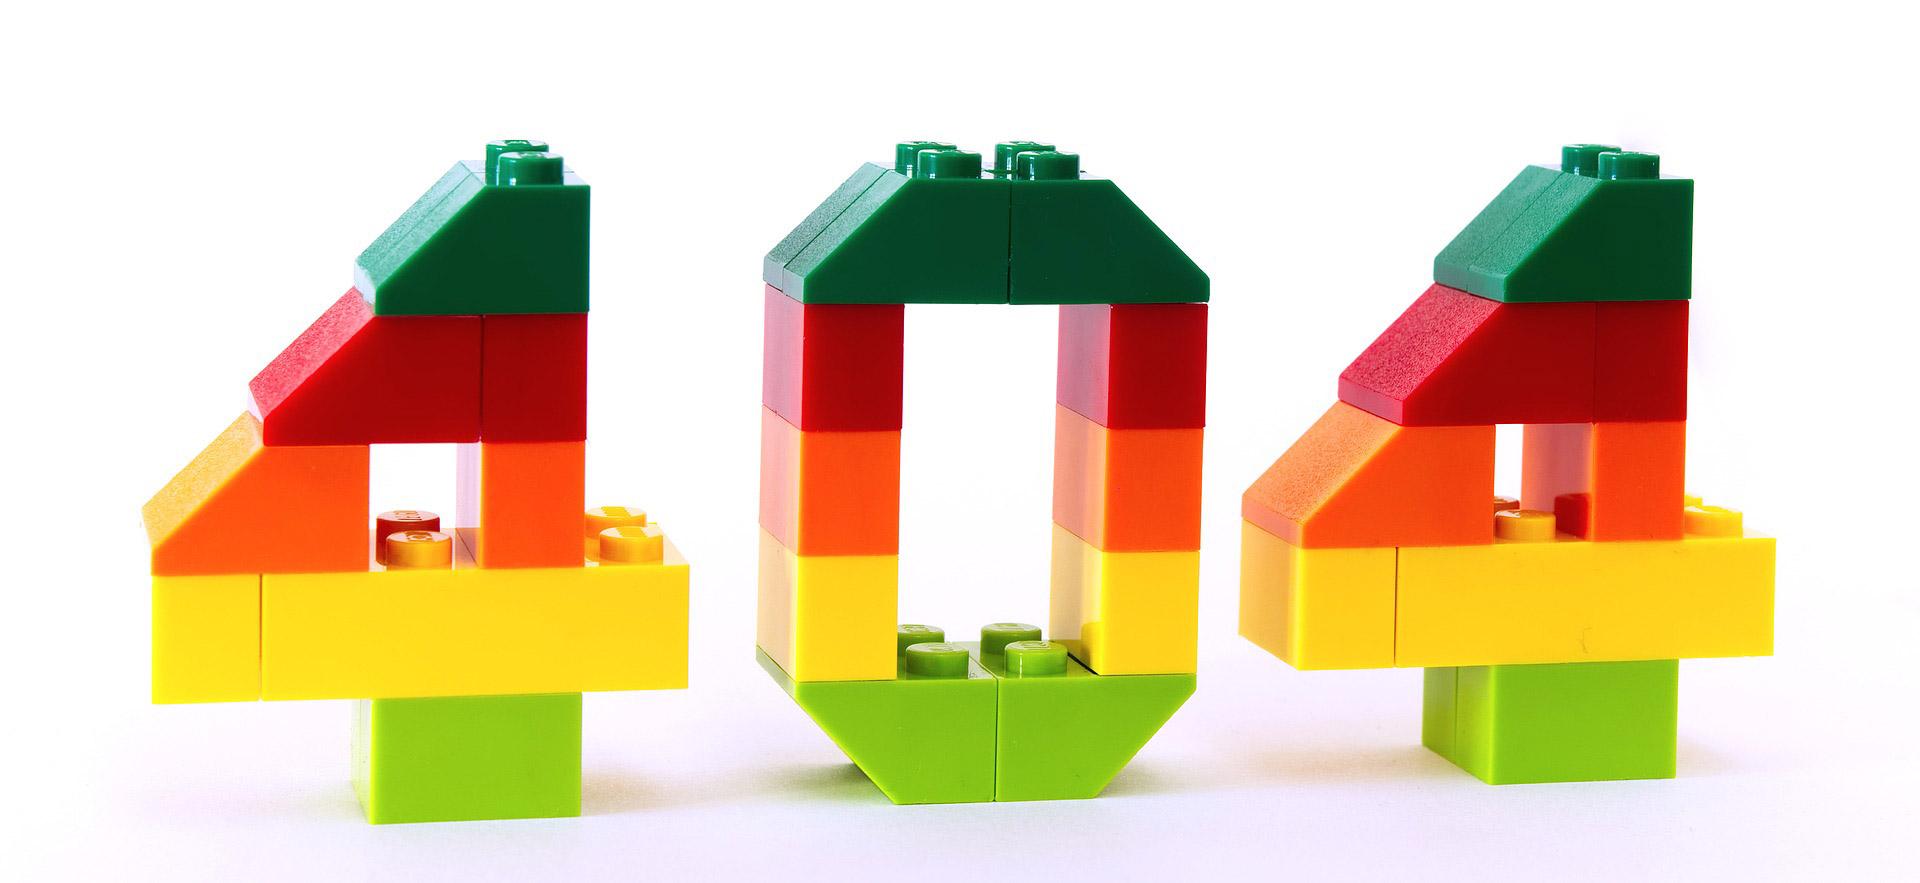 Die Zahl 404 in Form von Legosteinen